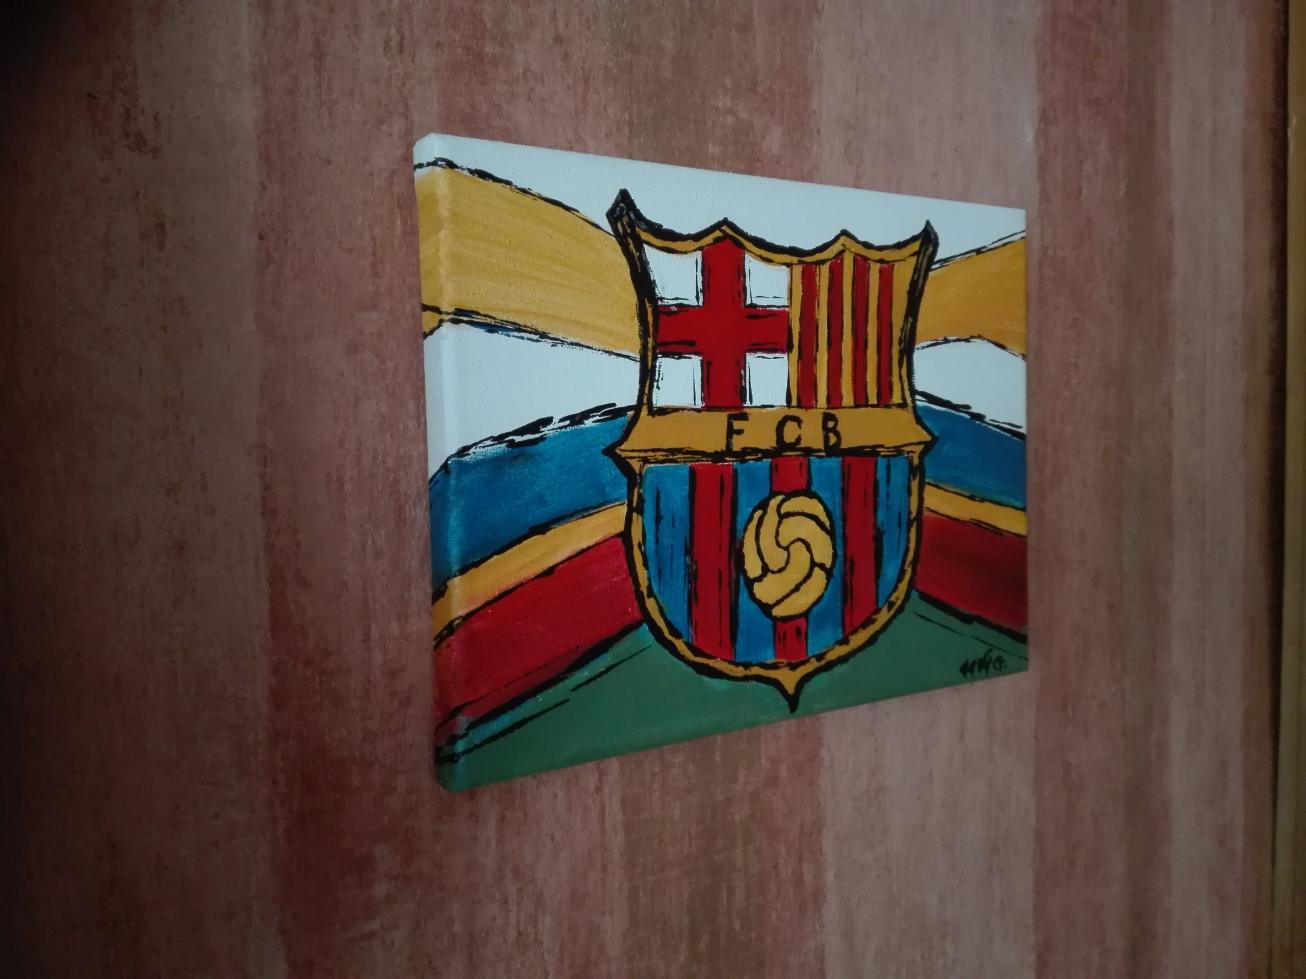 fc barcelona veb bydgoszcz akryl obraz eeve